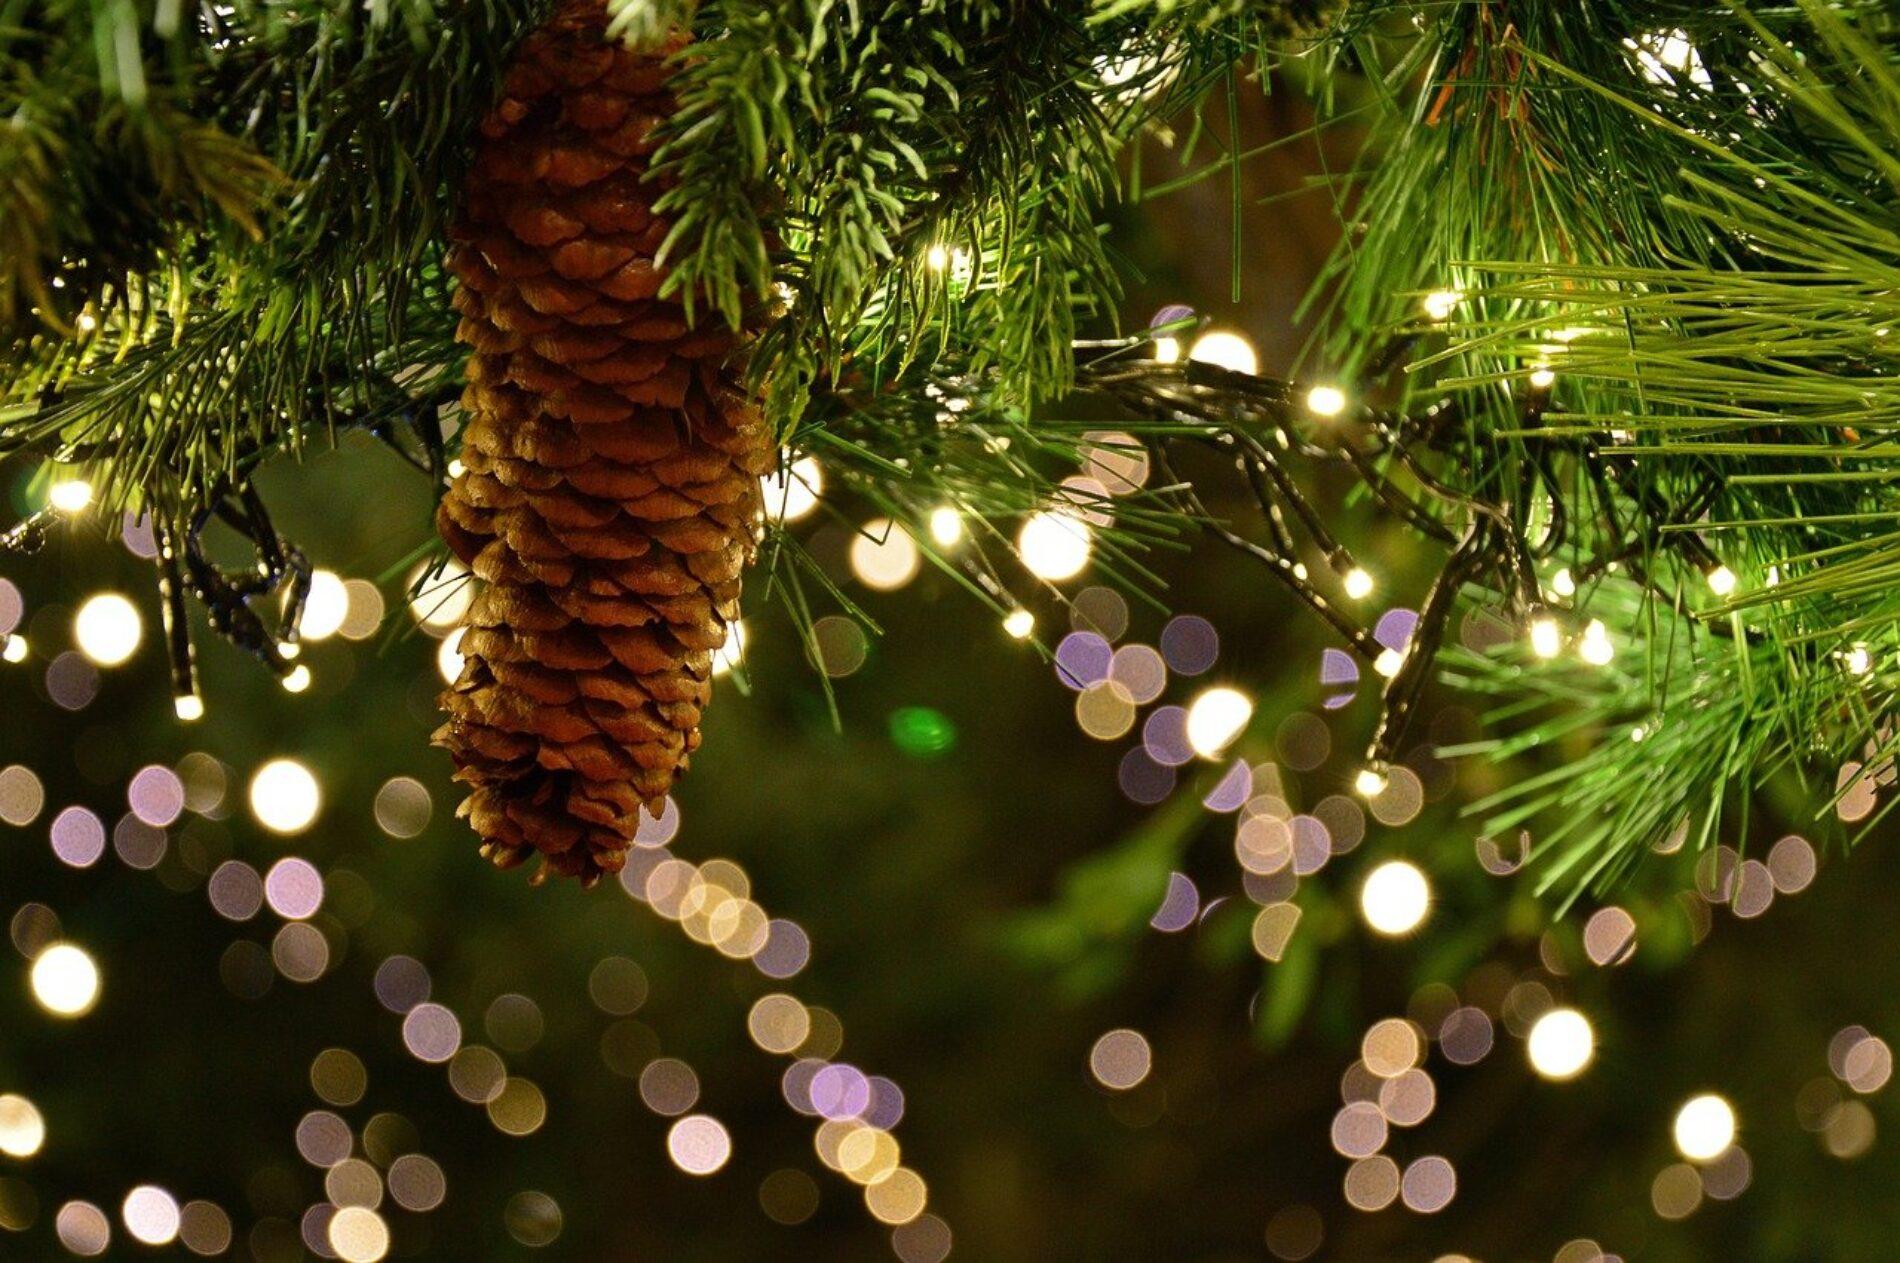 Ilumina tu navidad con productos de certificación colombiana